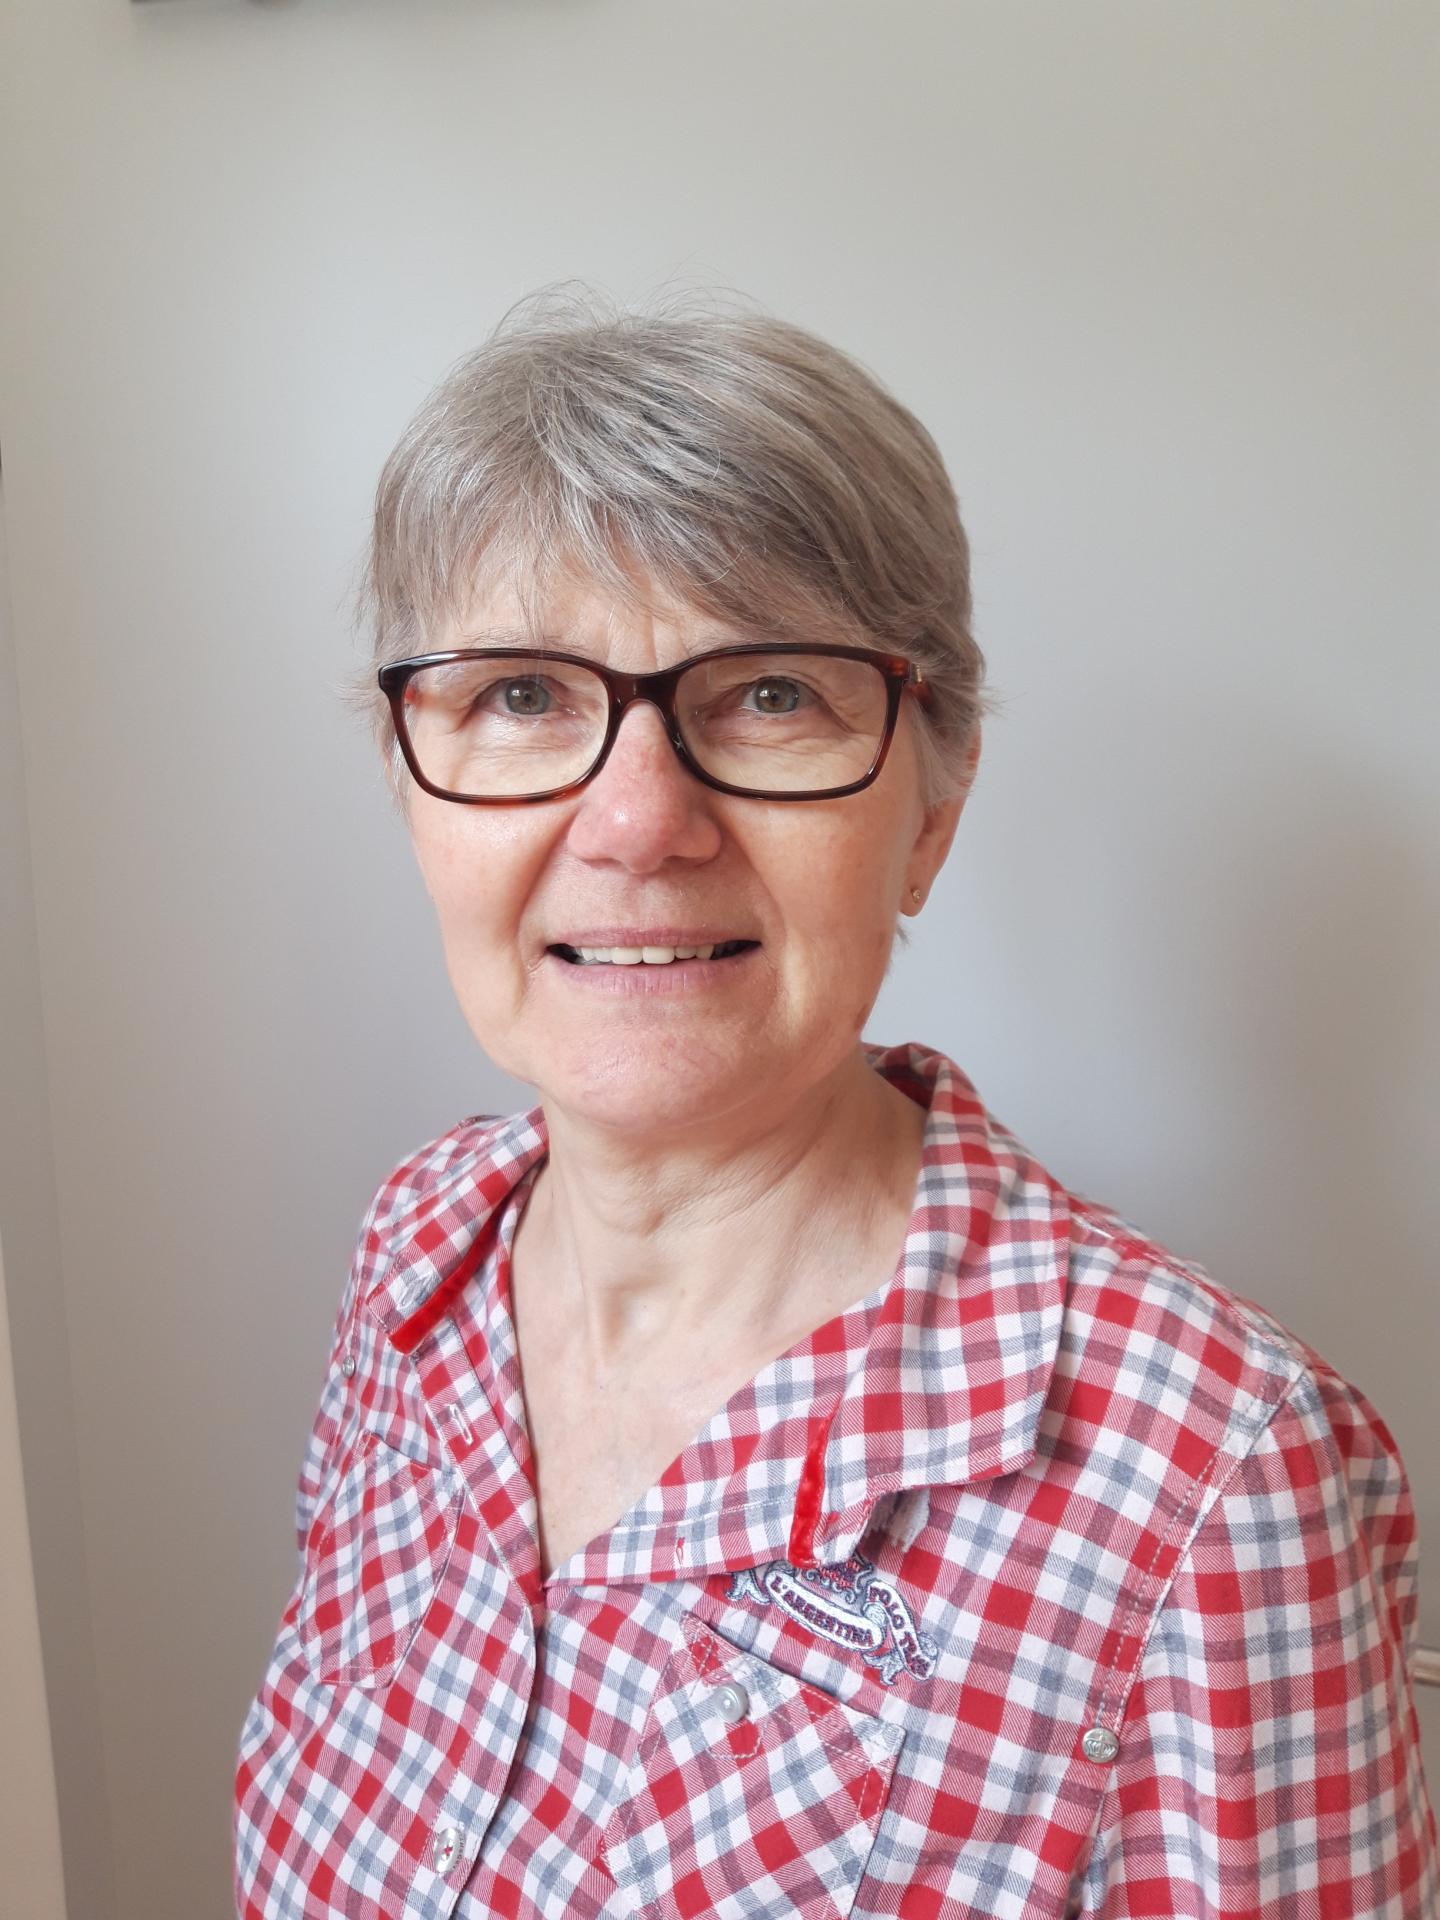 Marianne Mitterhuber